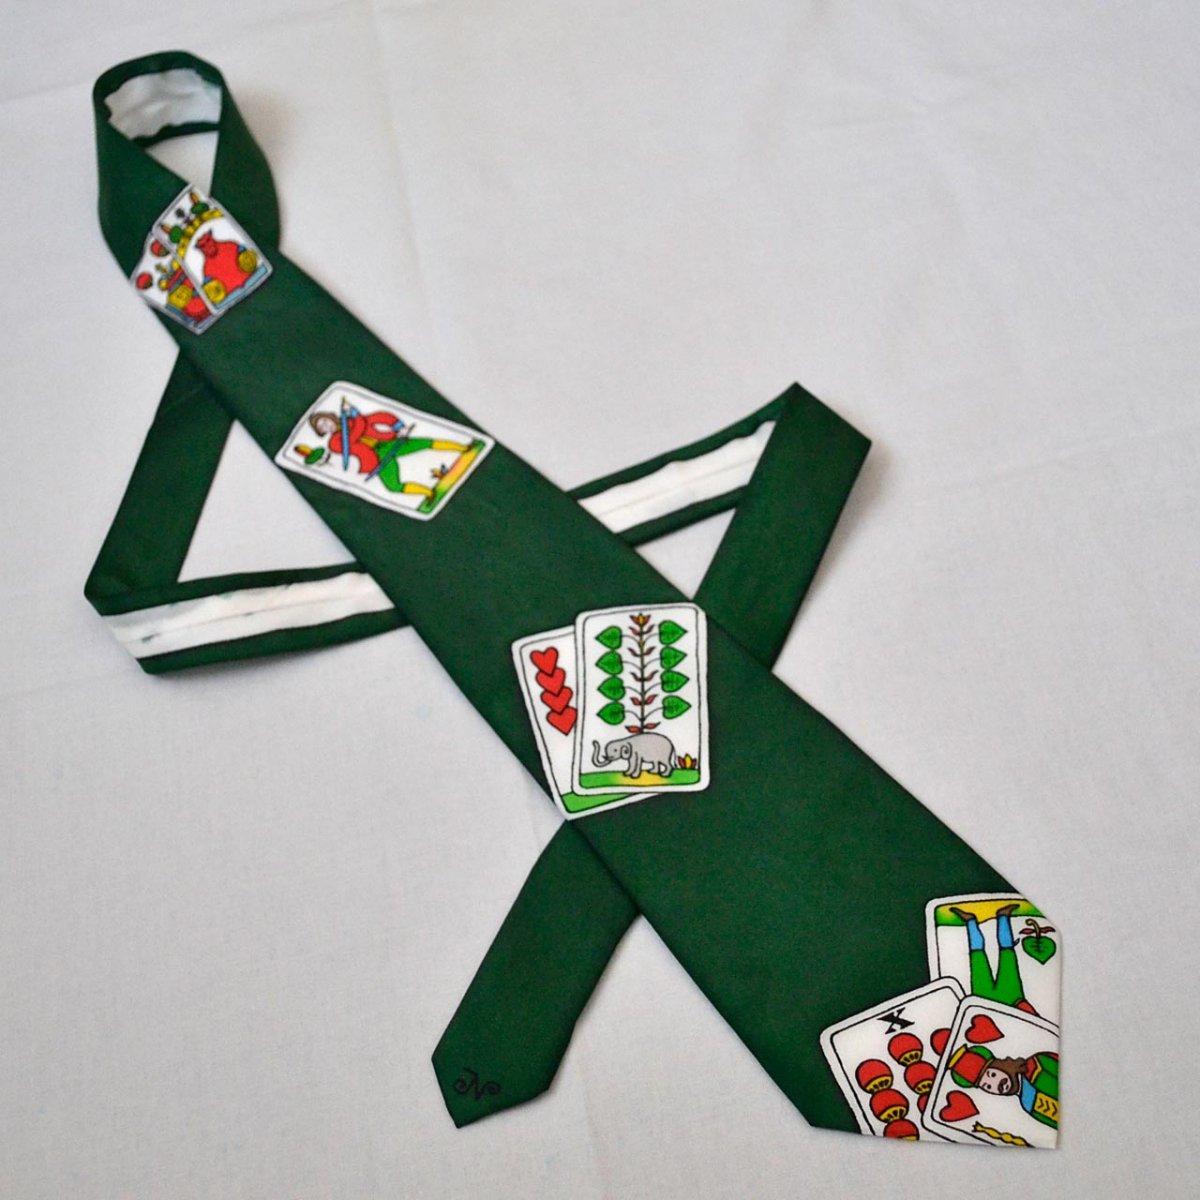 ae8dadfa554 Hedvábná kravata s mariášovými kartami - zelená - SLEVA – Potvor ...